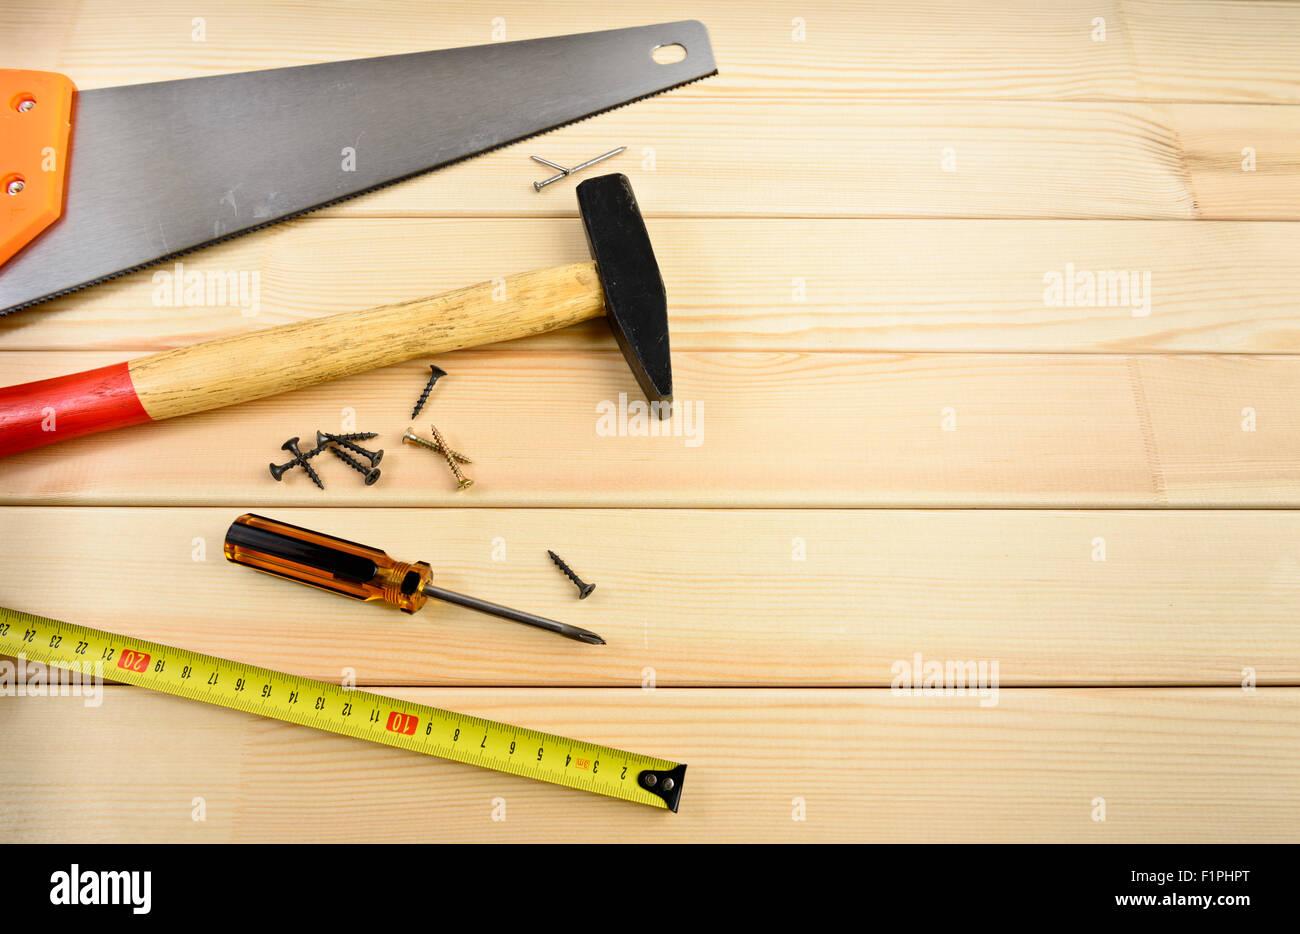 Vio, tornillo, cinta métrica y un martillo en la madera Imagen De Stock